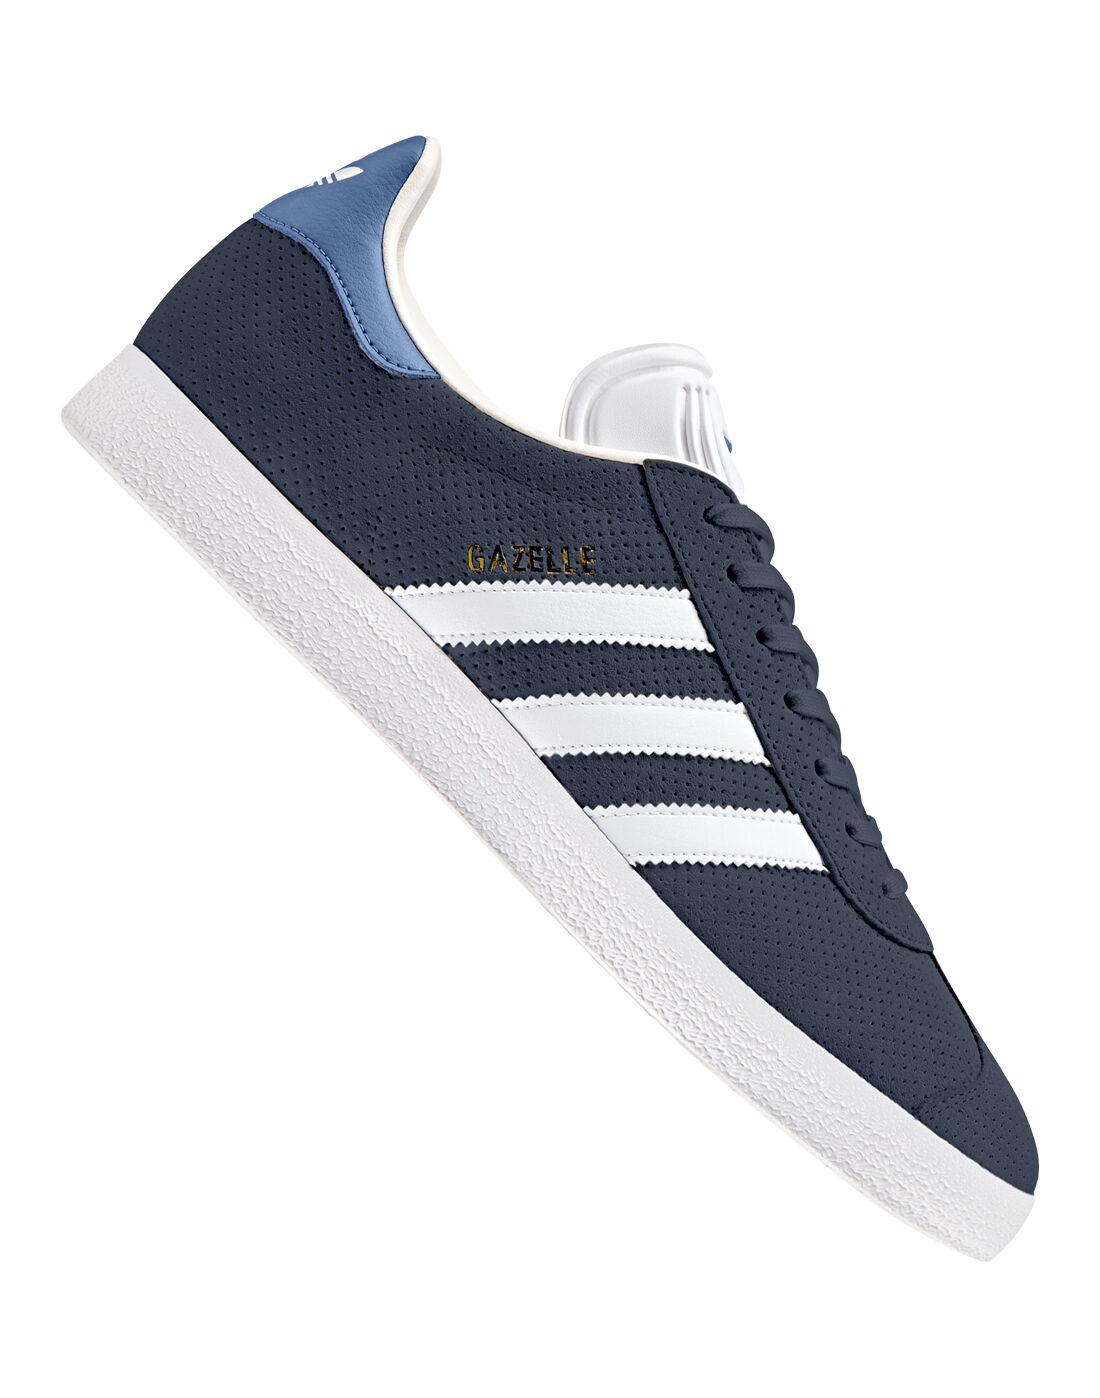 adidas gazelle grey 3.5